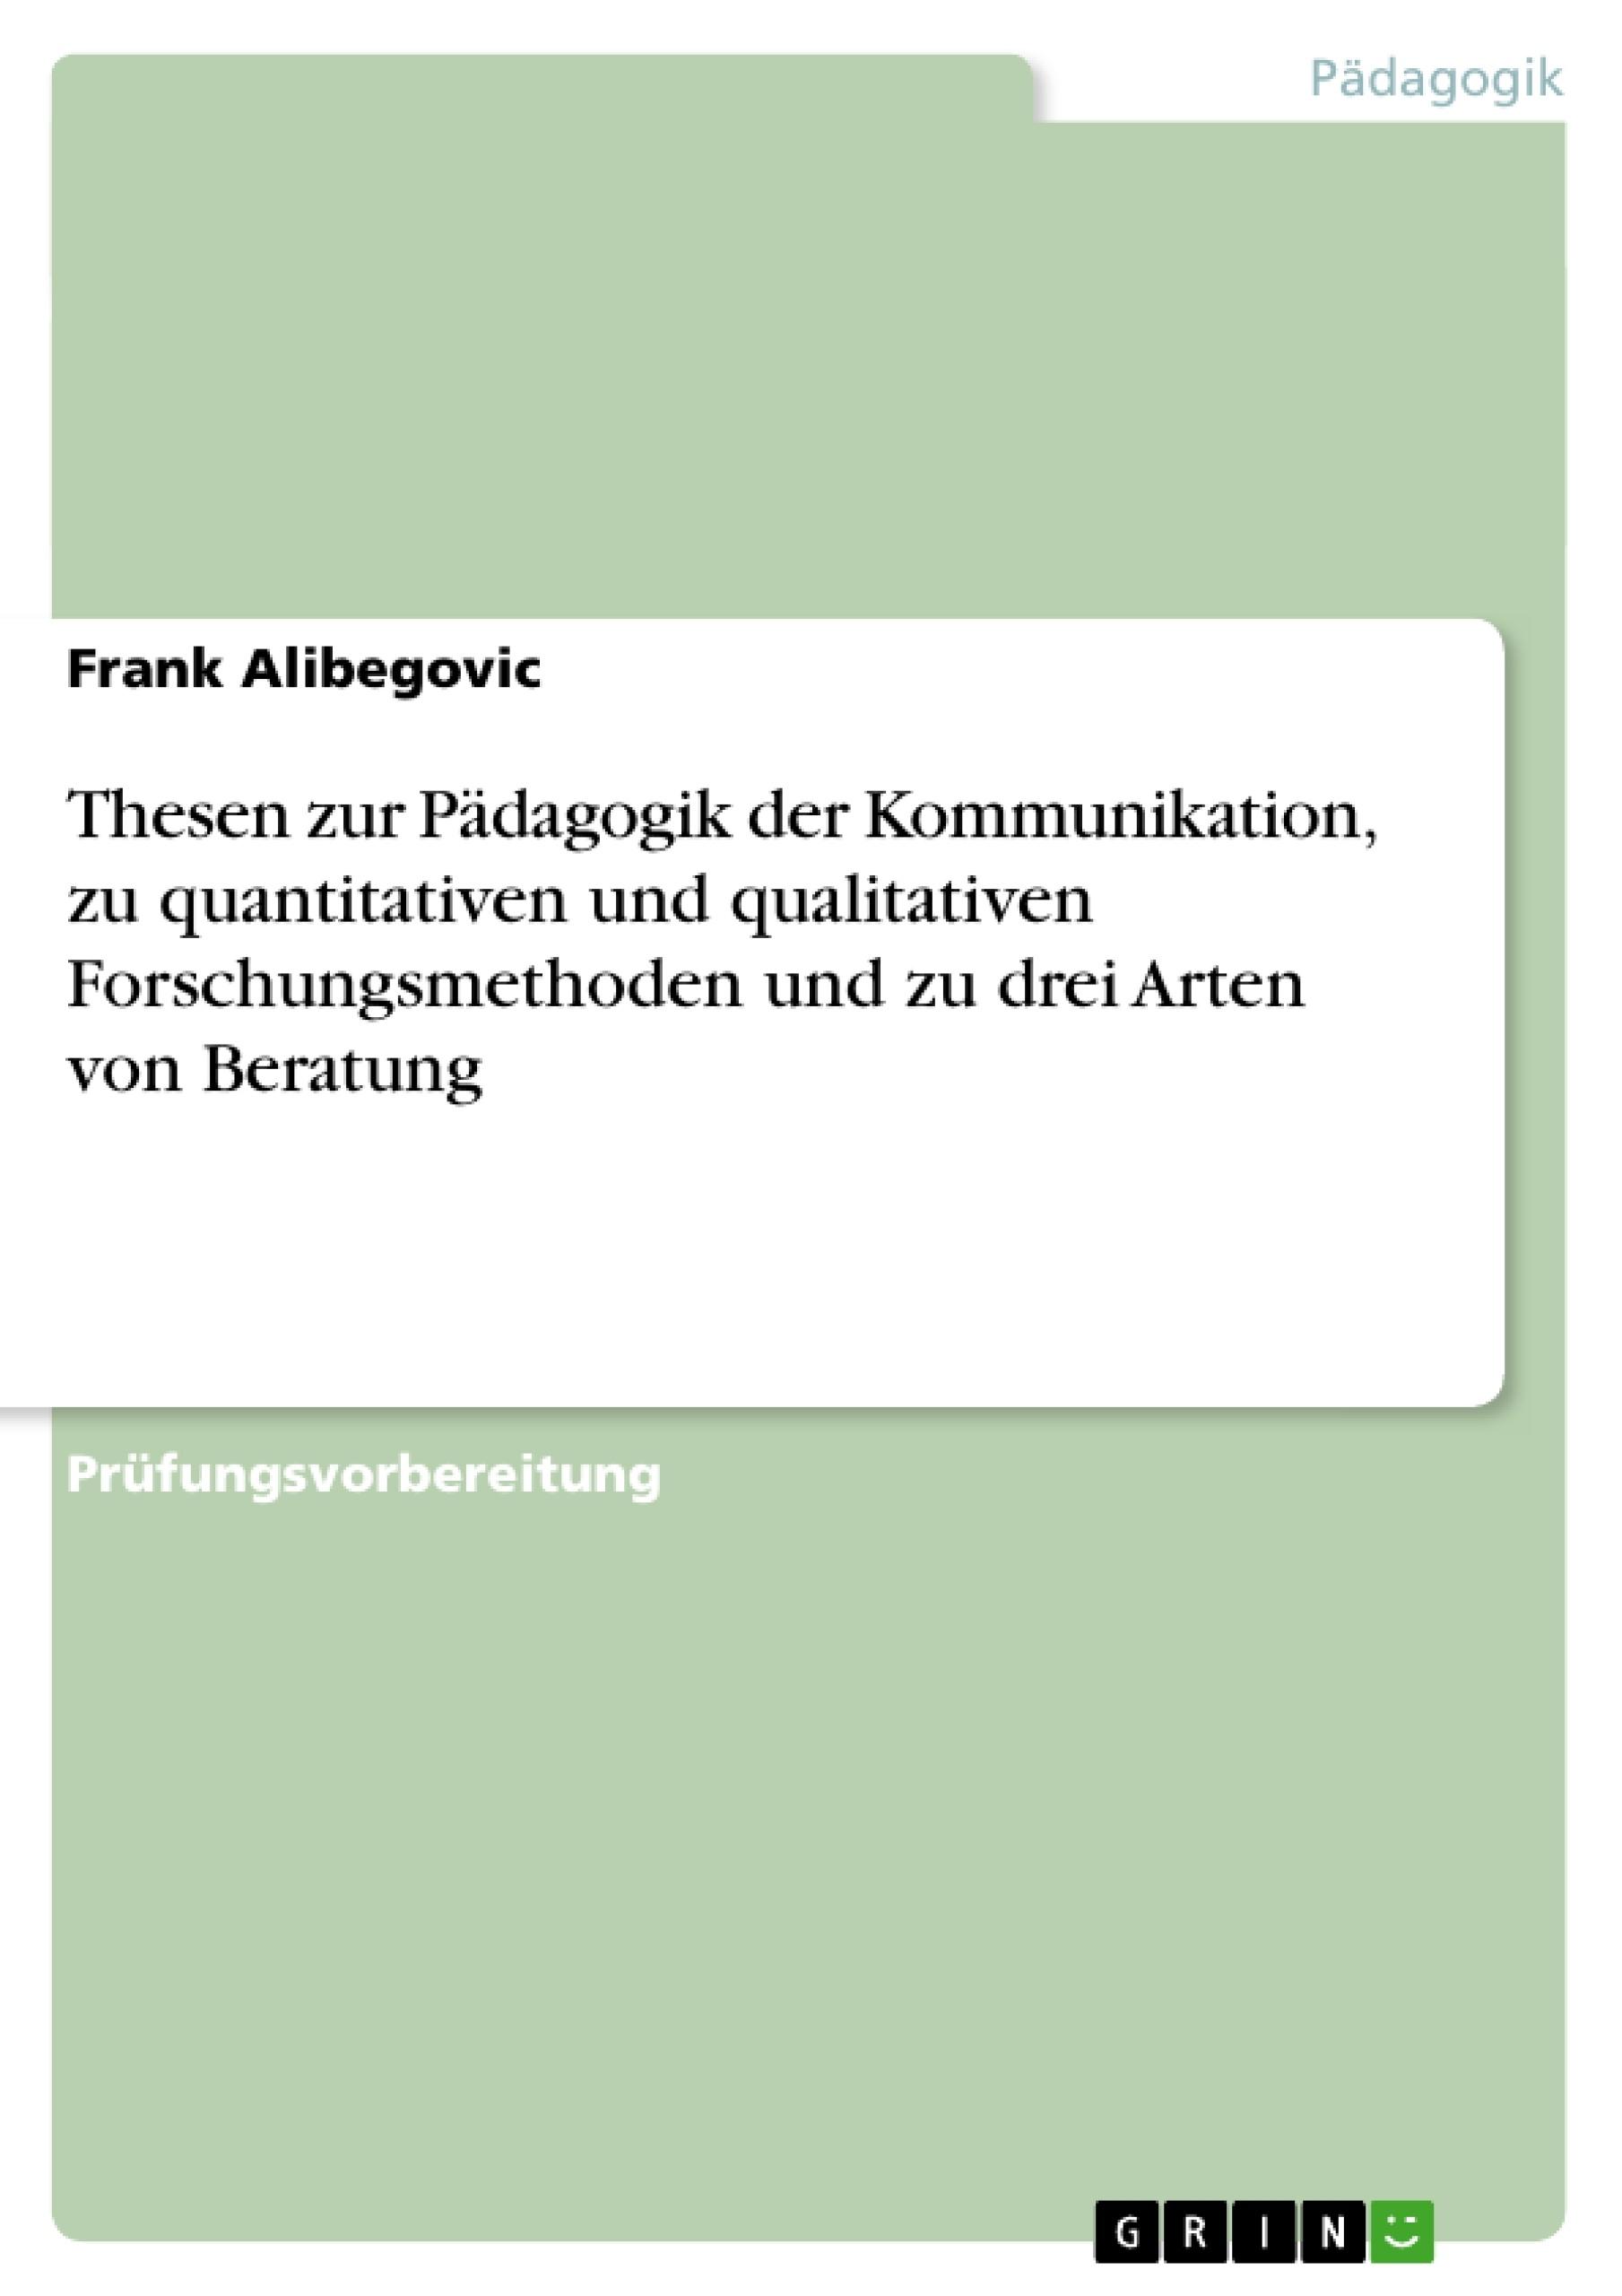 Titel: Thesen zur Pädagogik der Kommunikation, zu quantitativen und qualitativen Forschungsmethoden und zu drei Arten von Beratung